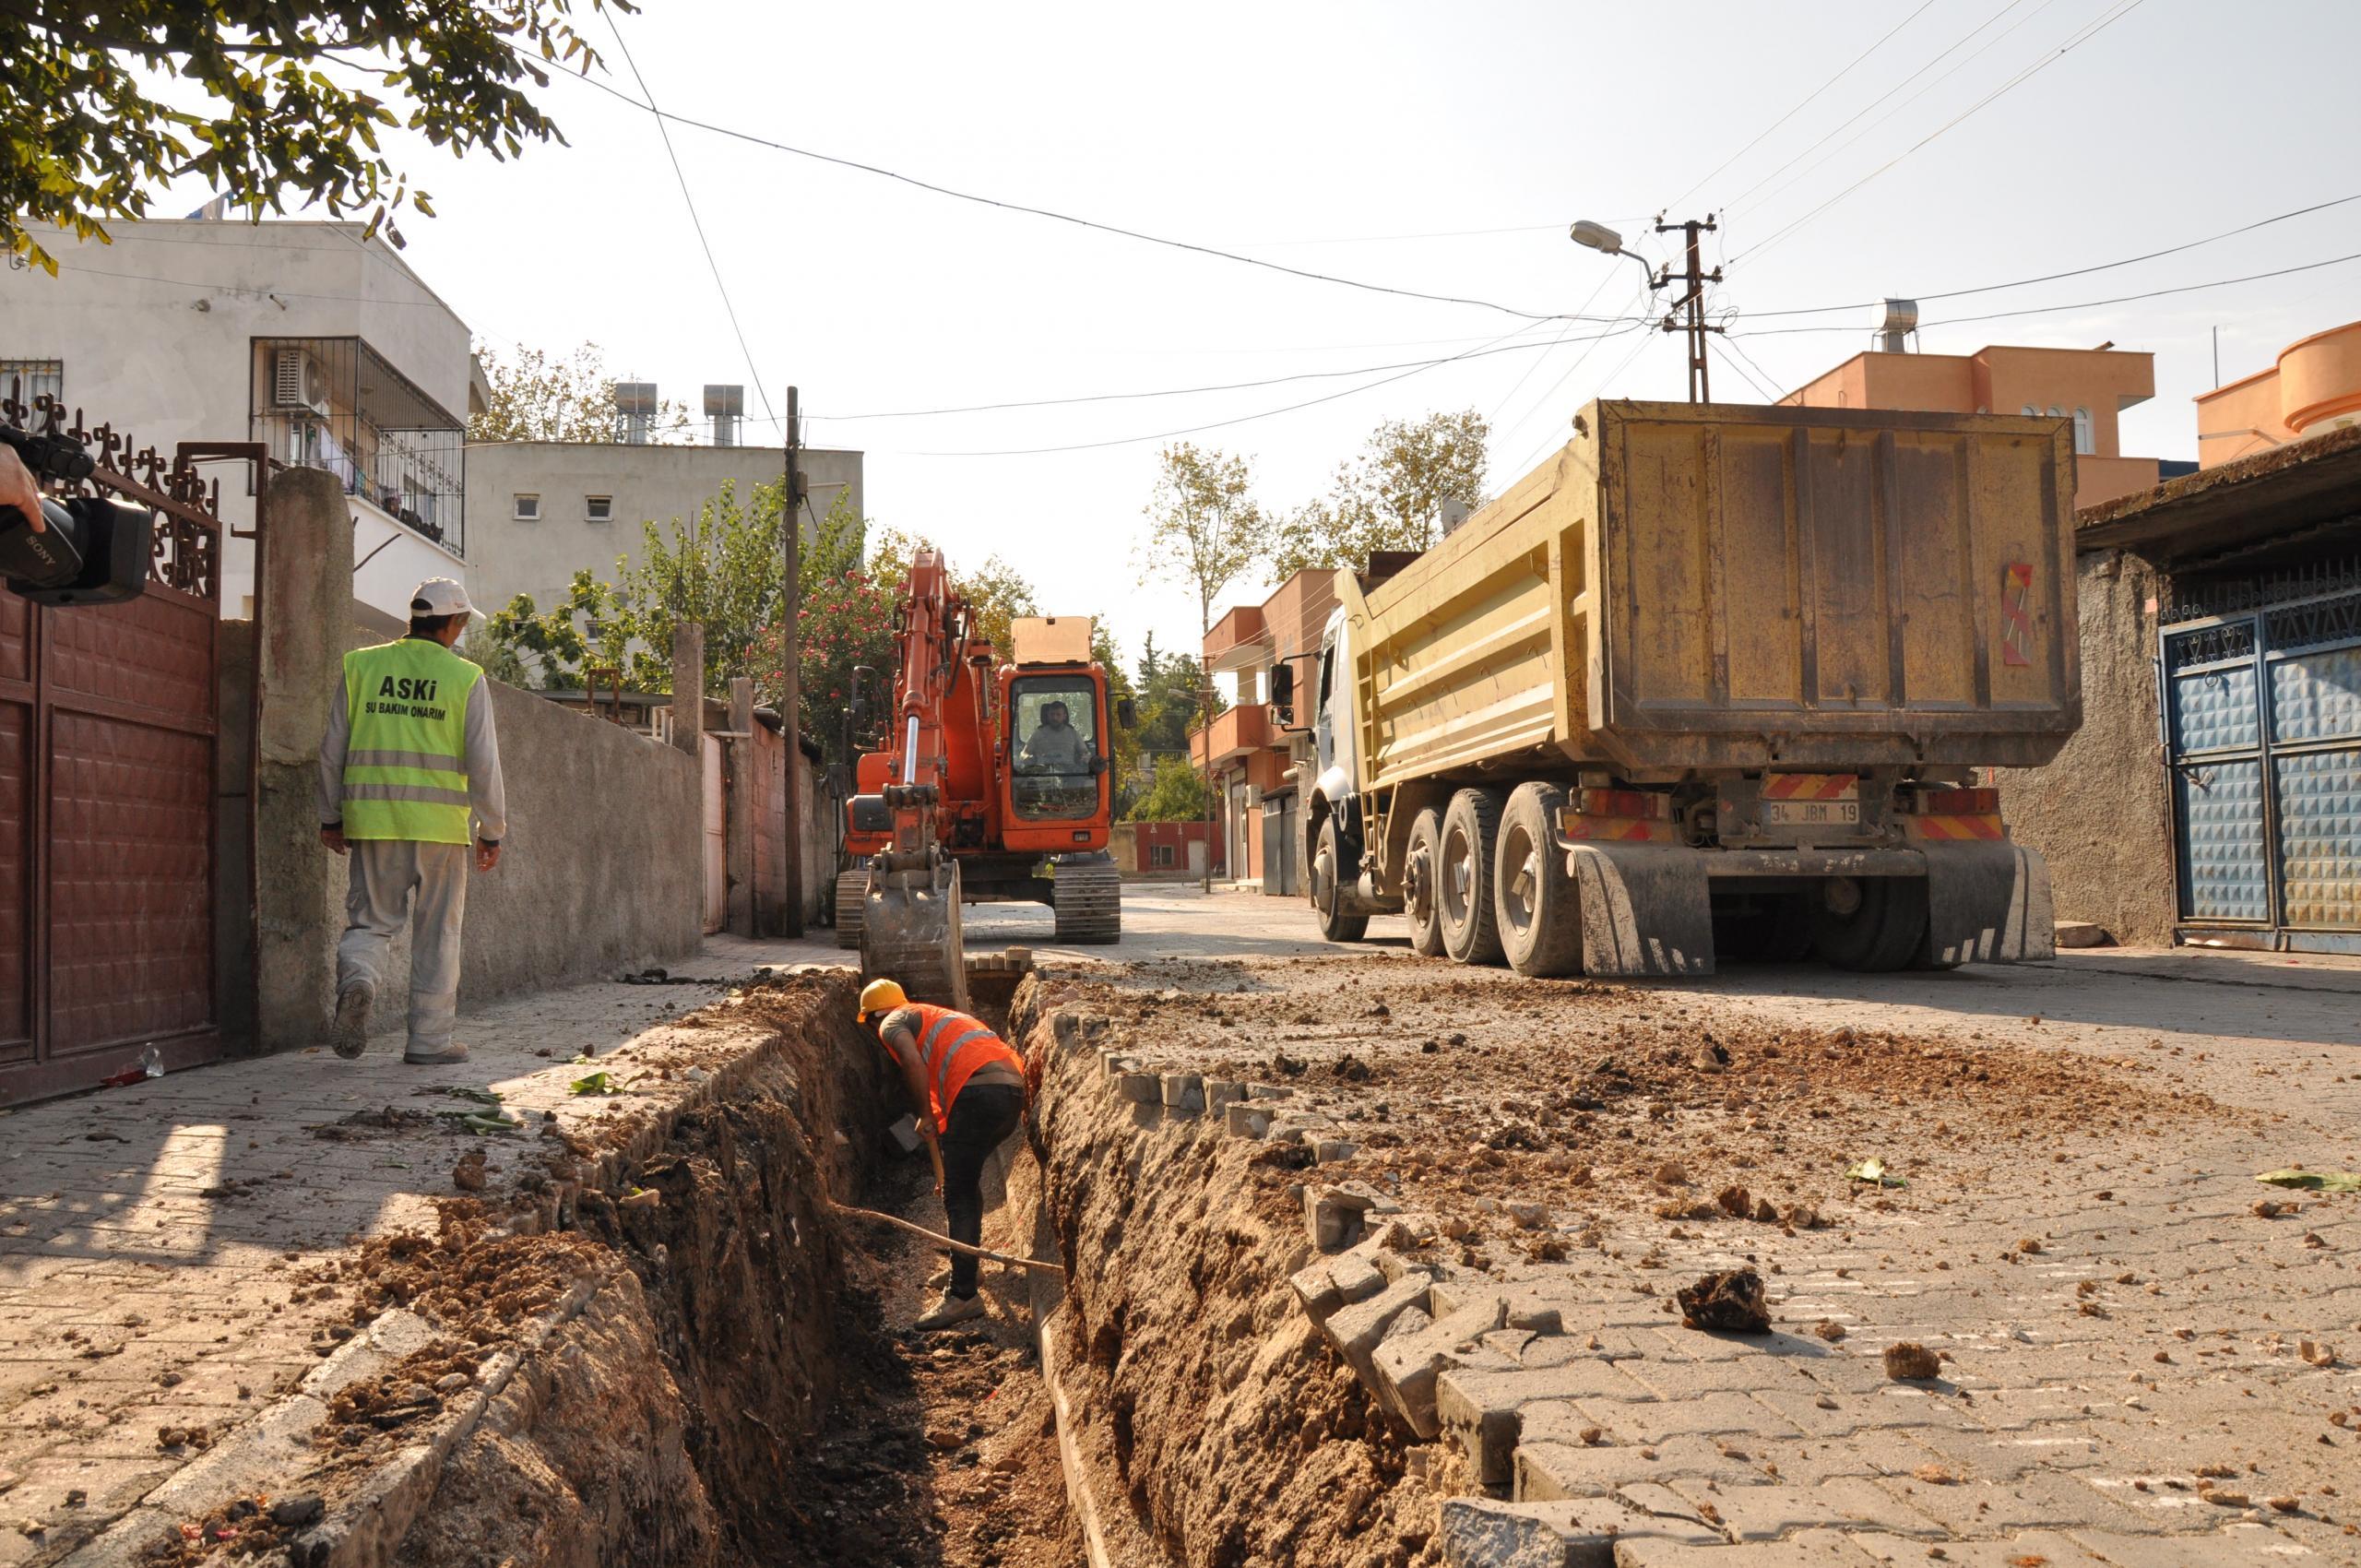 Kentte altyapı Şebekeleri Güçlendiriliyor